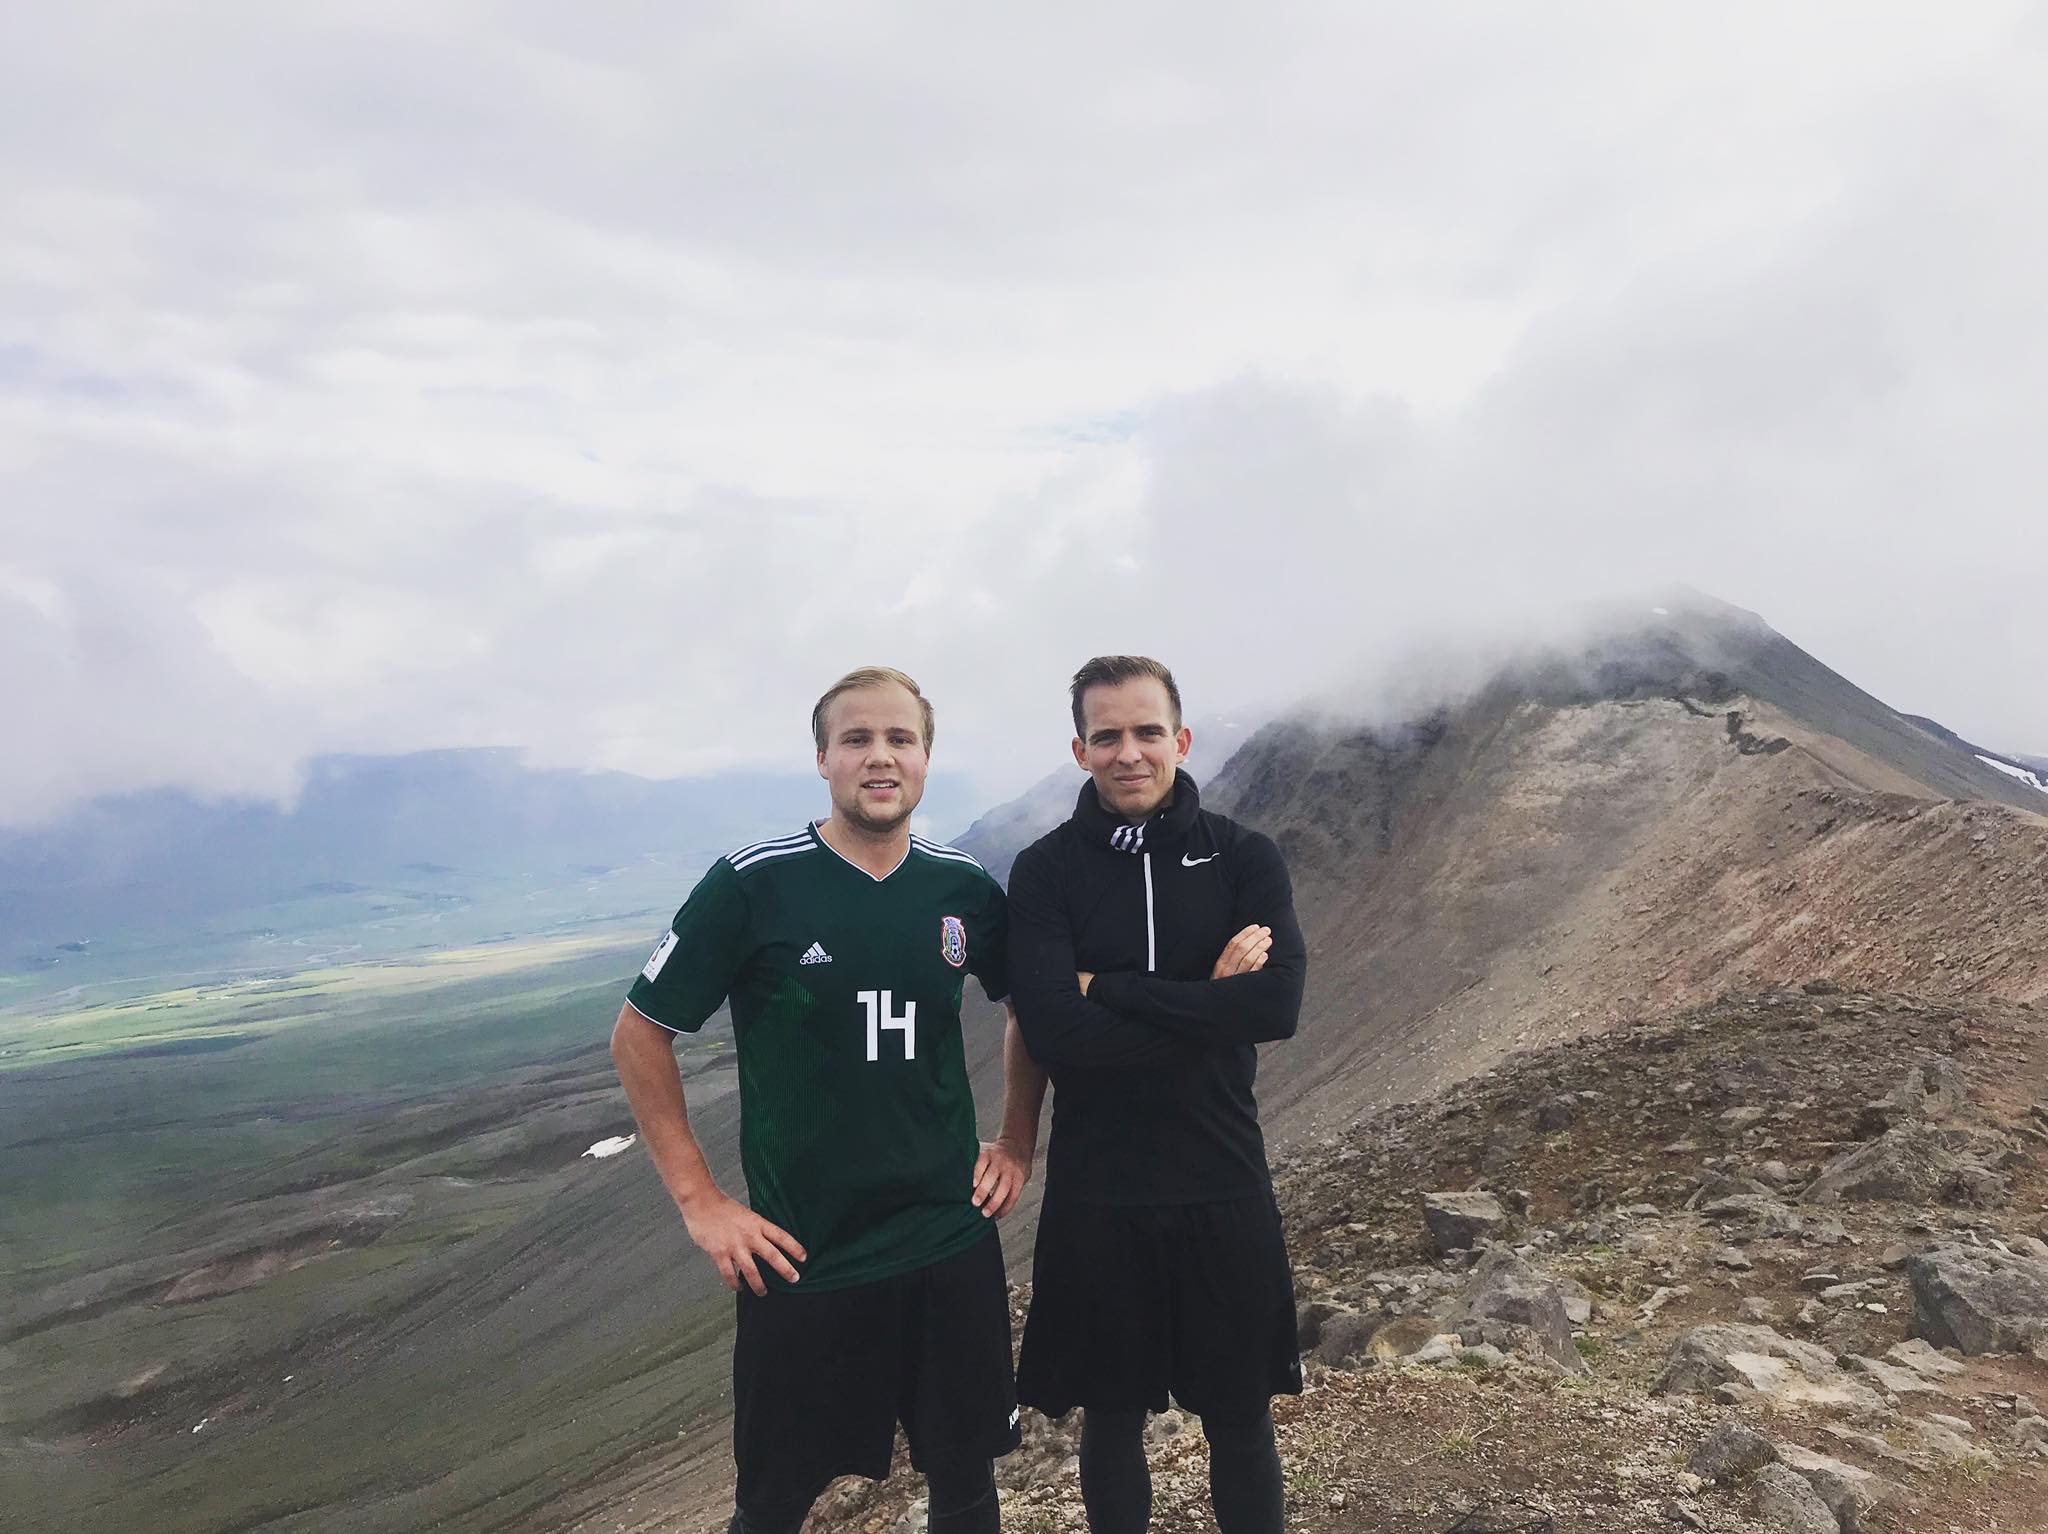 Boltinn á Norðurlandi: Afmælissigrar hjá Blö og yfirburðir KF – Dapurt hjá Þór, KA og Magna